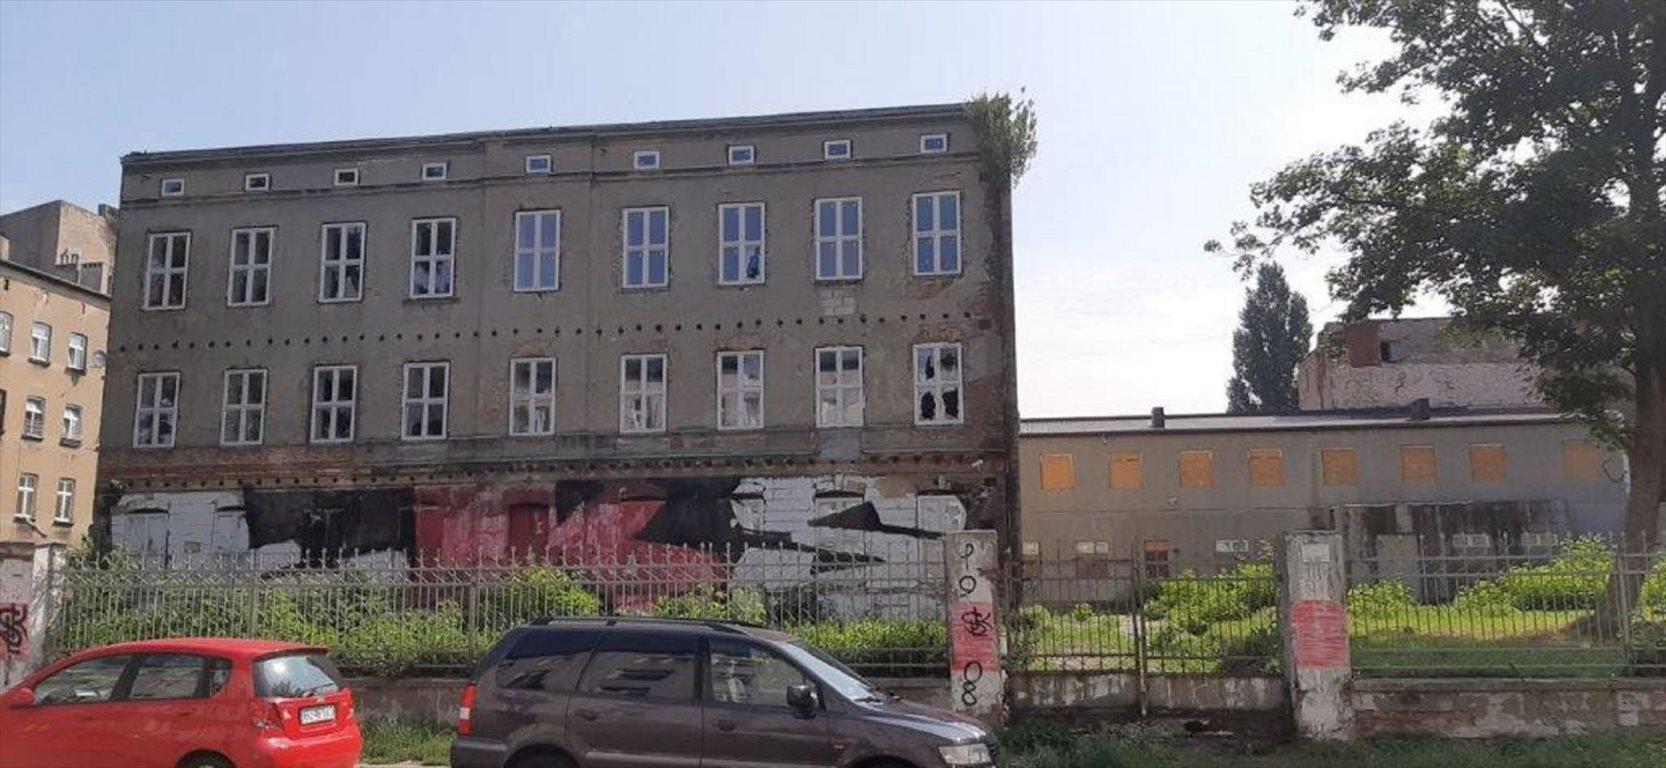 Lokal użytkowy na sprzedaż Łódź, Polesie, Pogonowskiego  1982m2 Foto 1